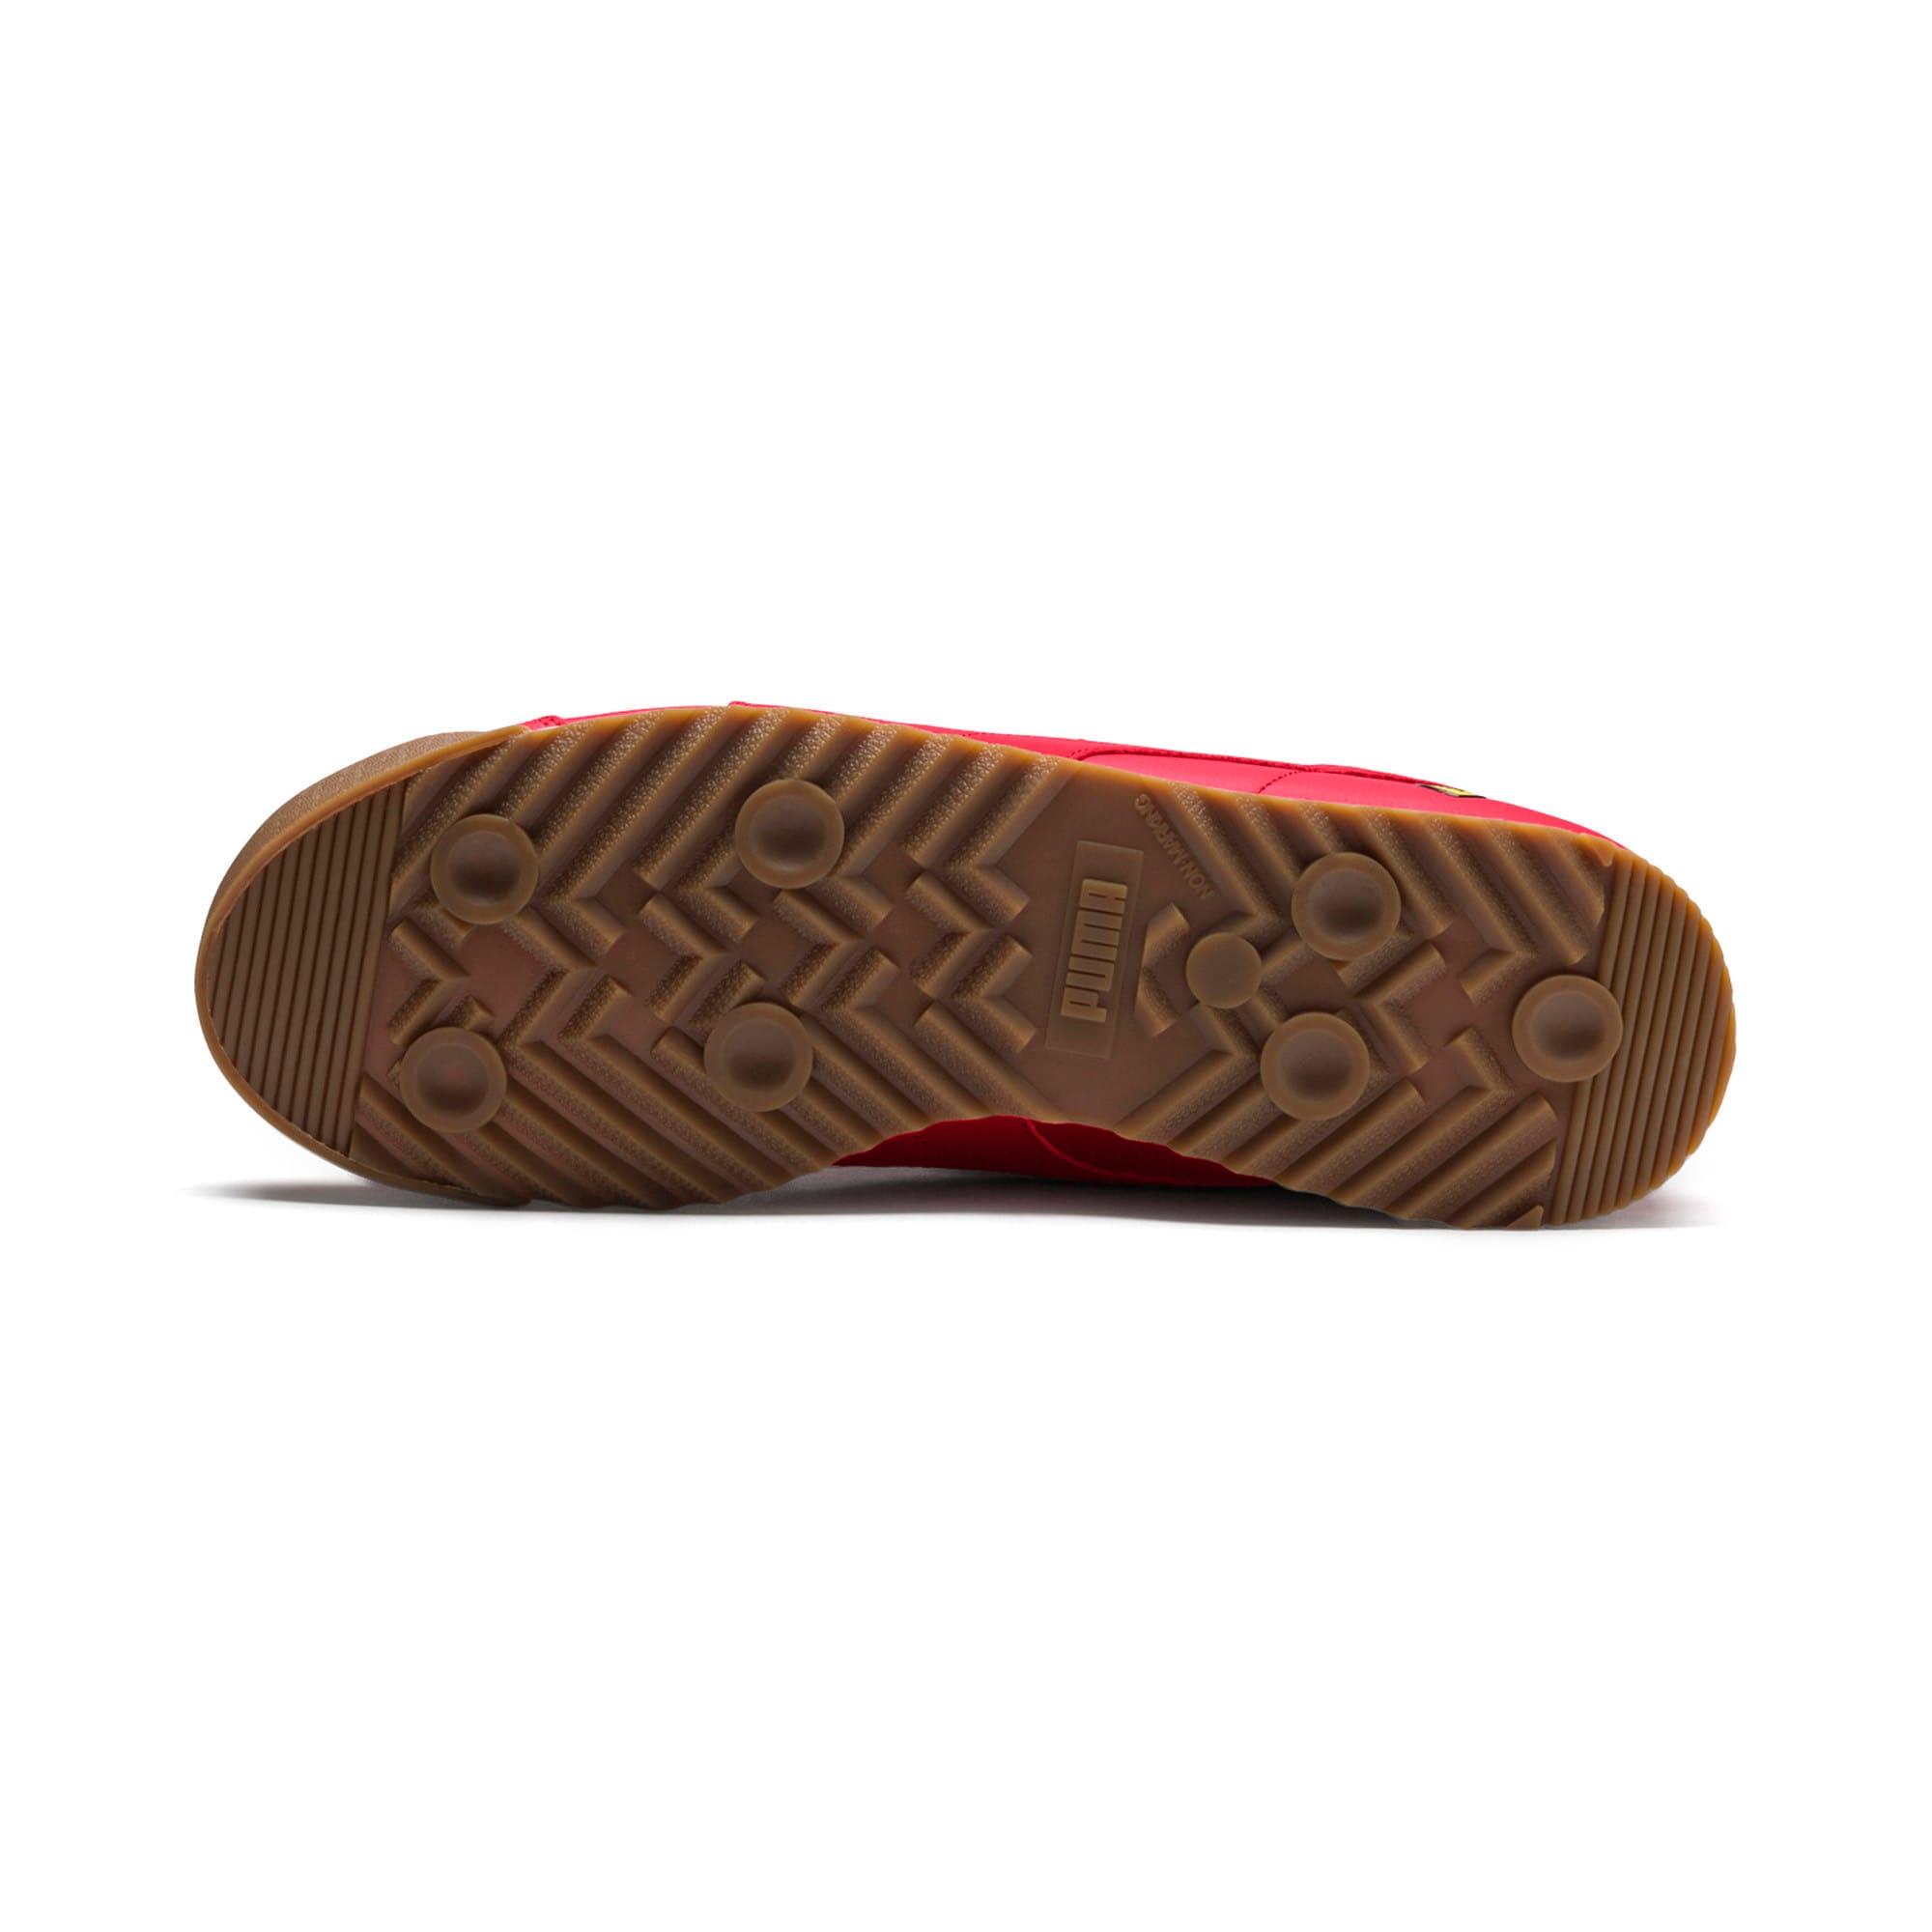 Thumbnail 3 of Scuderia Ferrari Roma Men's Sneakers, Rosso Corsa-Rosso Corsa, medium